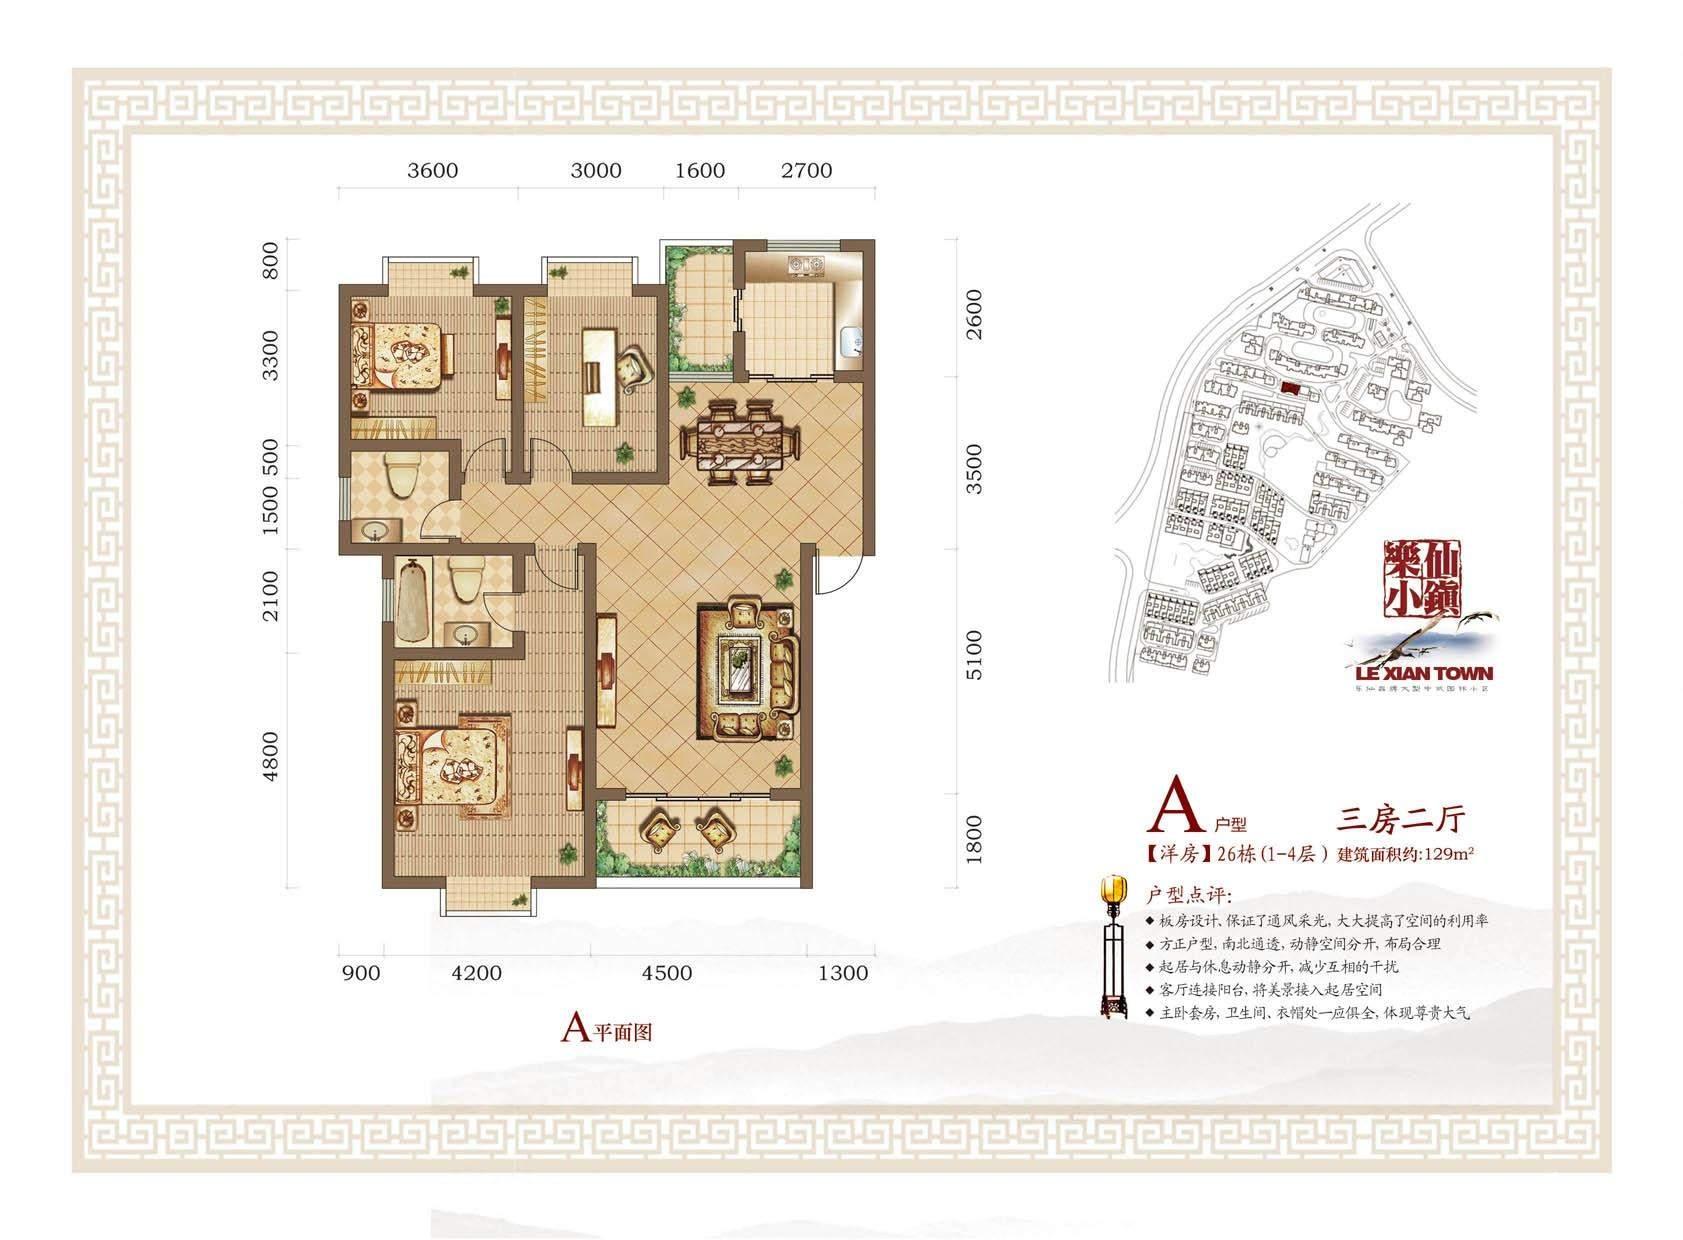 郴州乐仙小镇3室2厅2卫户型图-郴州楼盘网